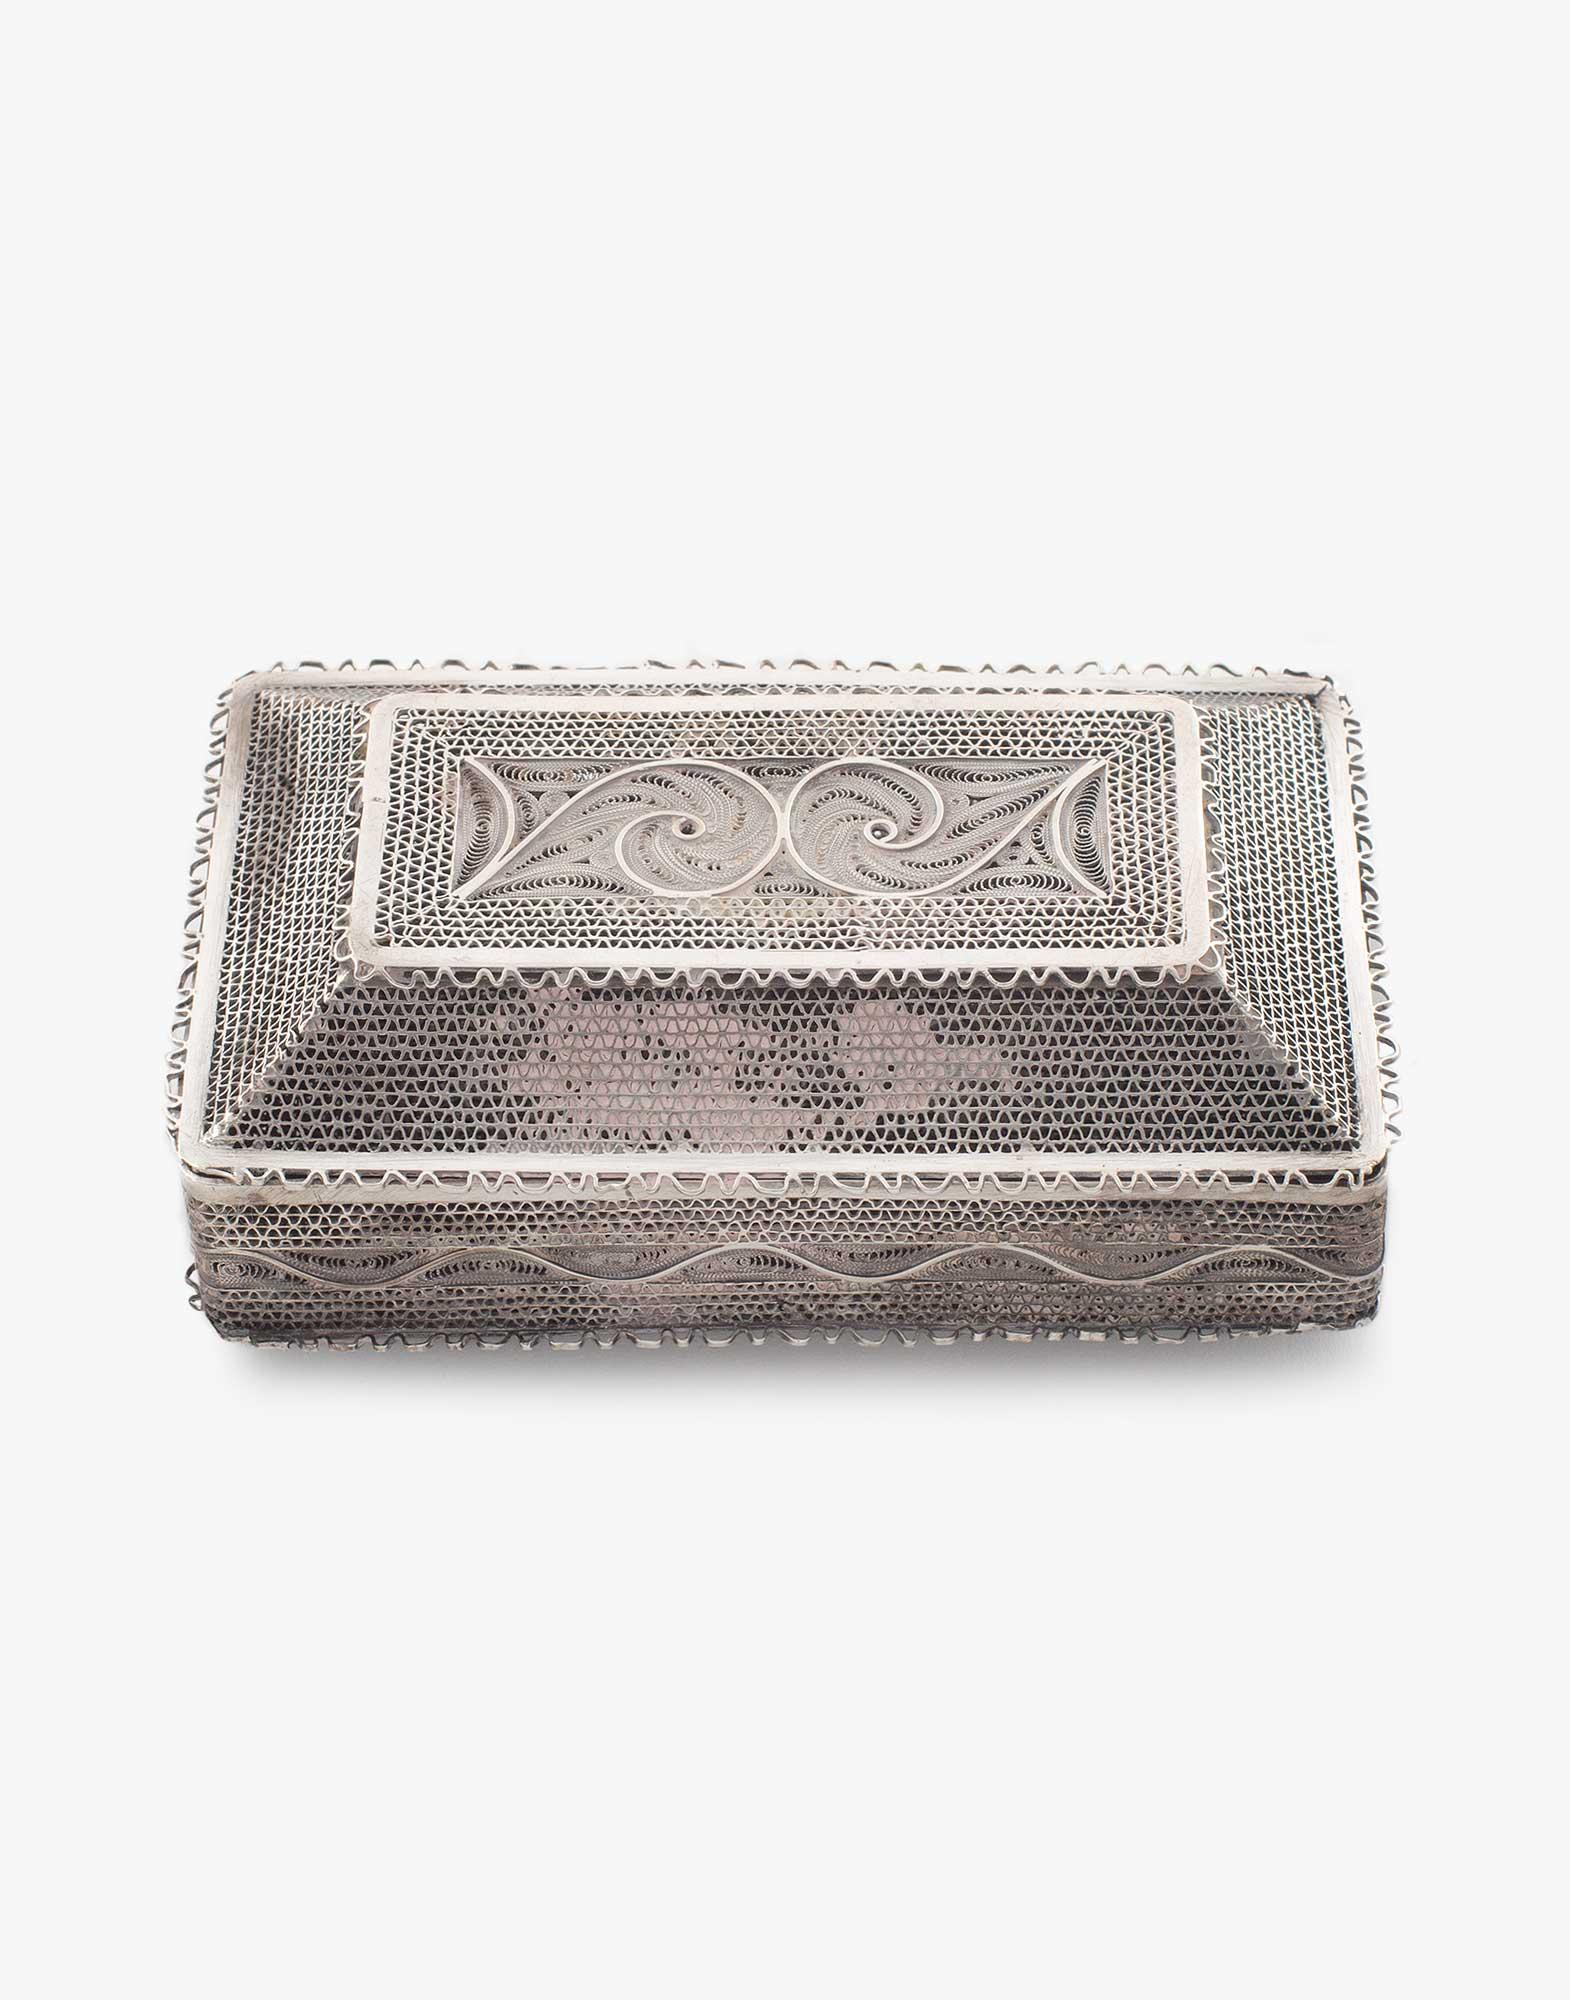 Traditional Silver Cigarette Box